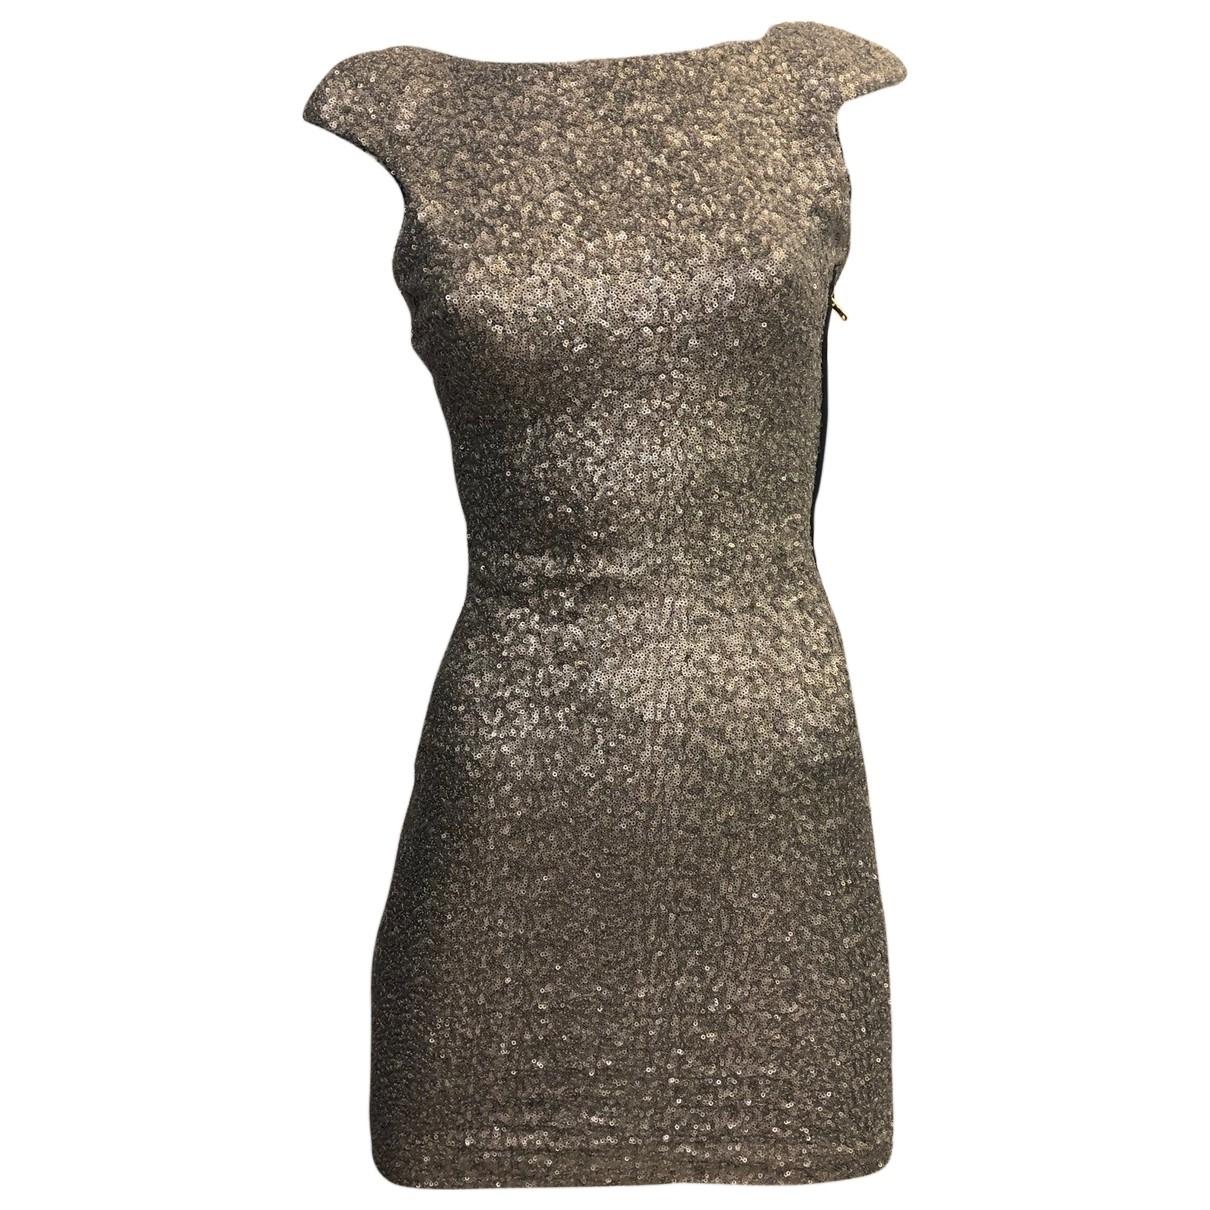 Zara \N Silver Glitter dress for Women XS International